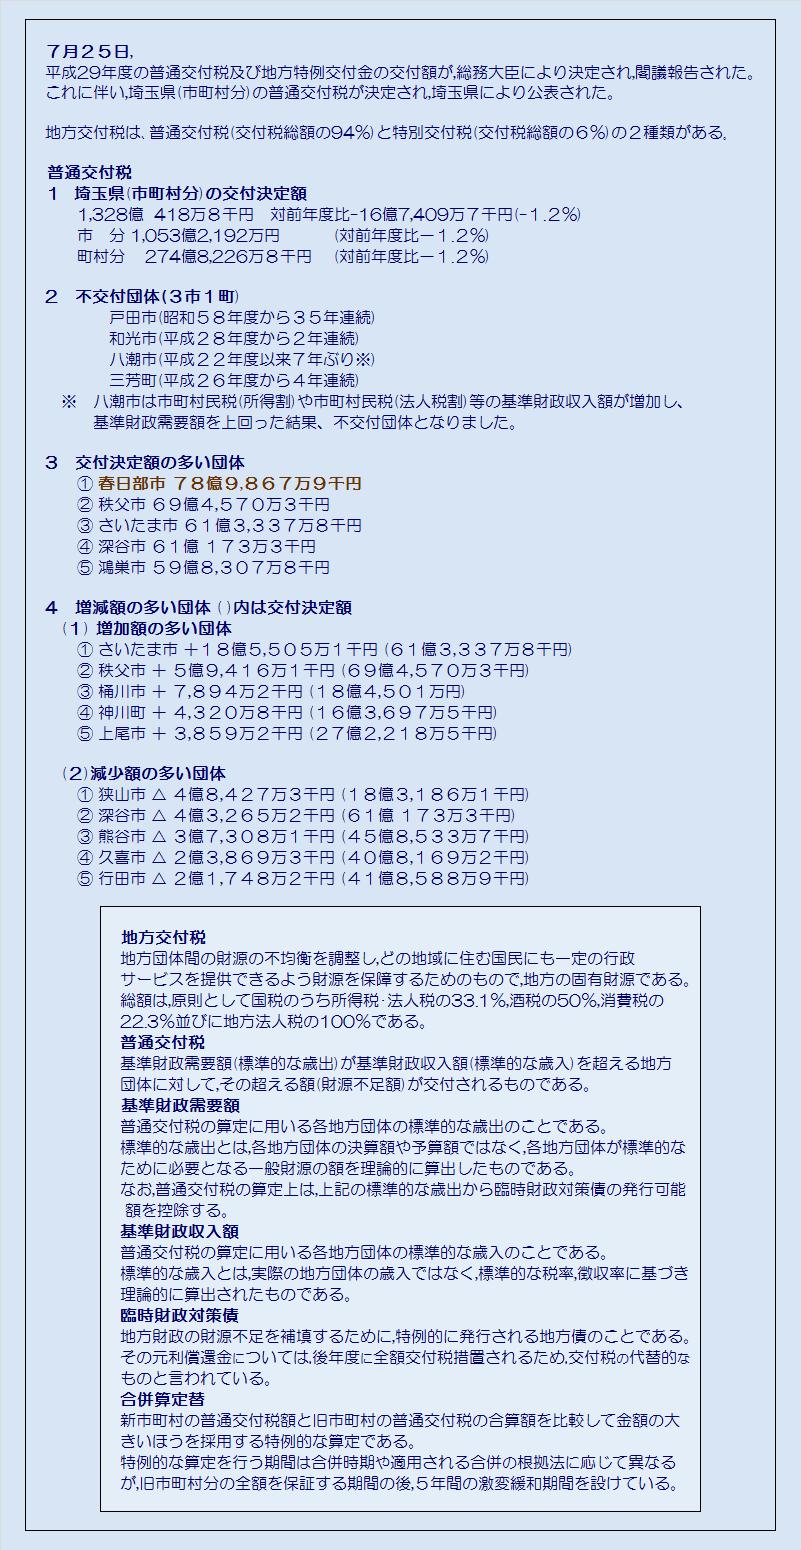 埼玉県市町村平成29年度普通交付税交付決定額・コメント